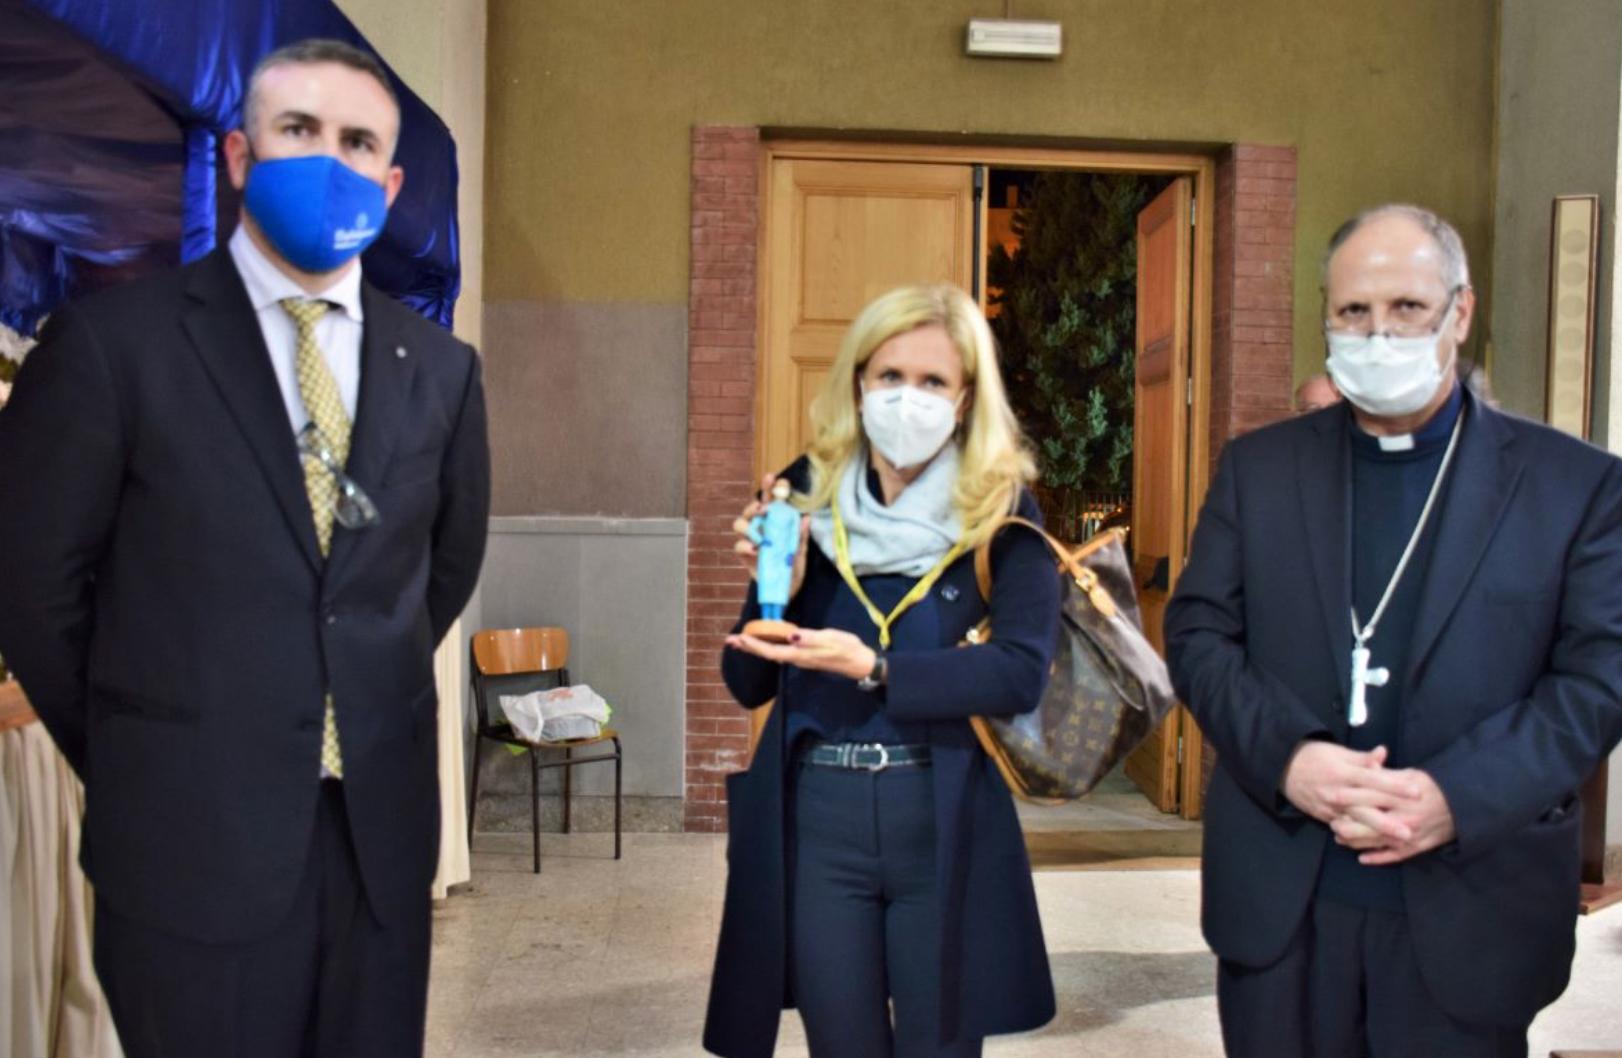 Coldiretti e Confartigianato donano una statuetta del Presepe alle Diocesi di Siracusa e Noto